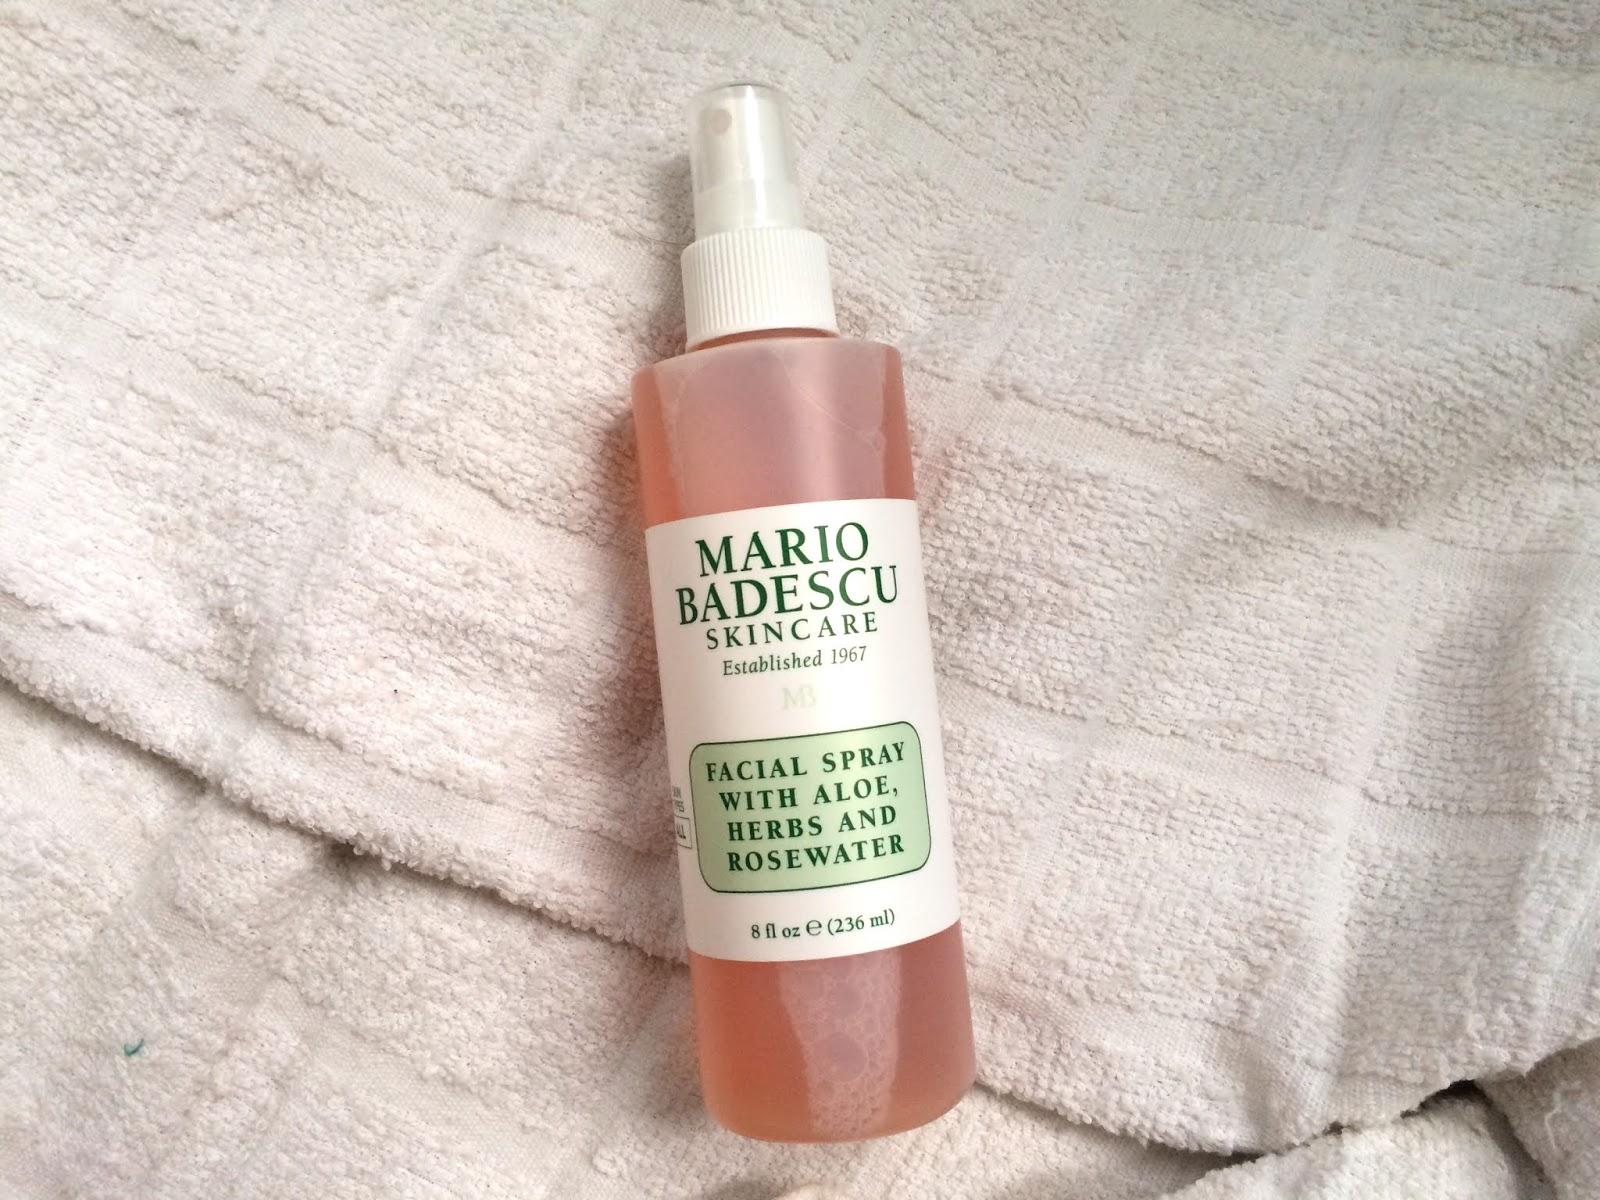 Review Mario Badescu Facial Spray With Aloe Herbs And